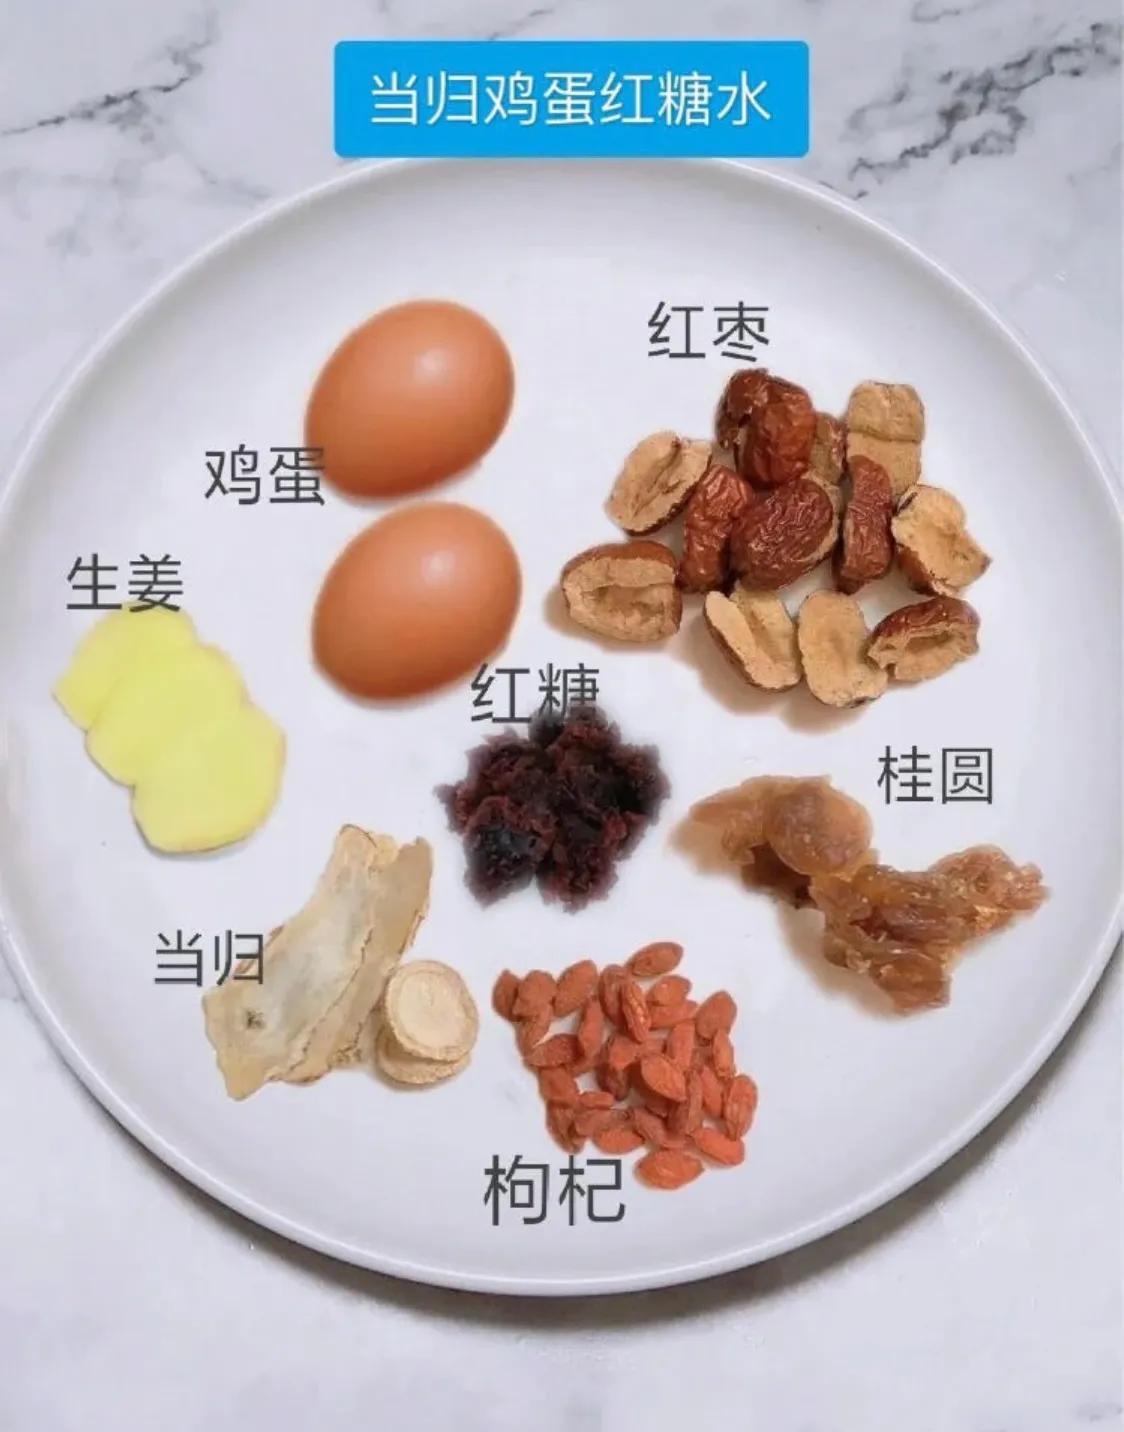 适合女士们喝的当归桂圆鸡蛋汤,每月都不要错过哦 美食做法 第1张